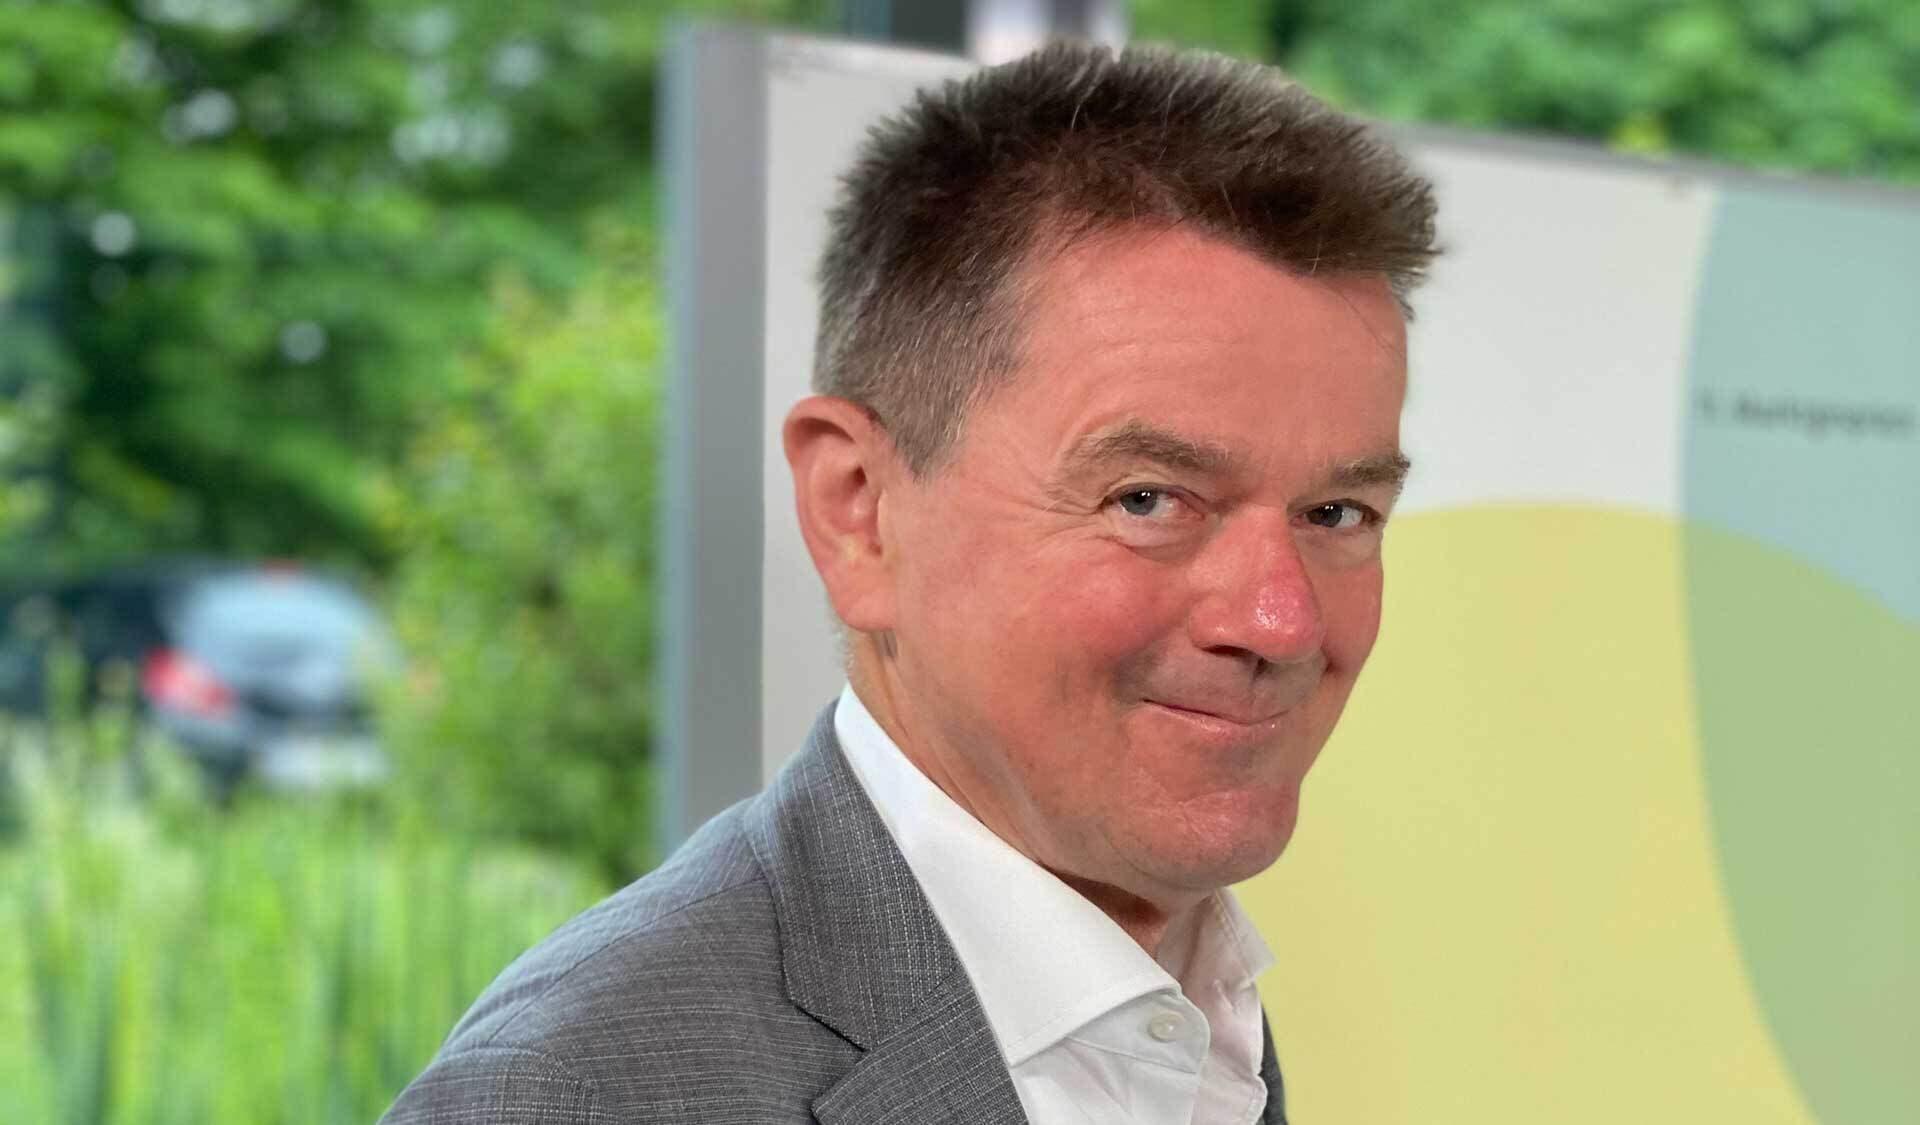 Juergen Michalzik